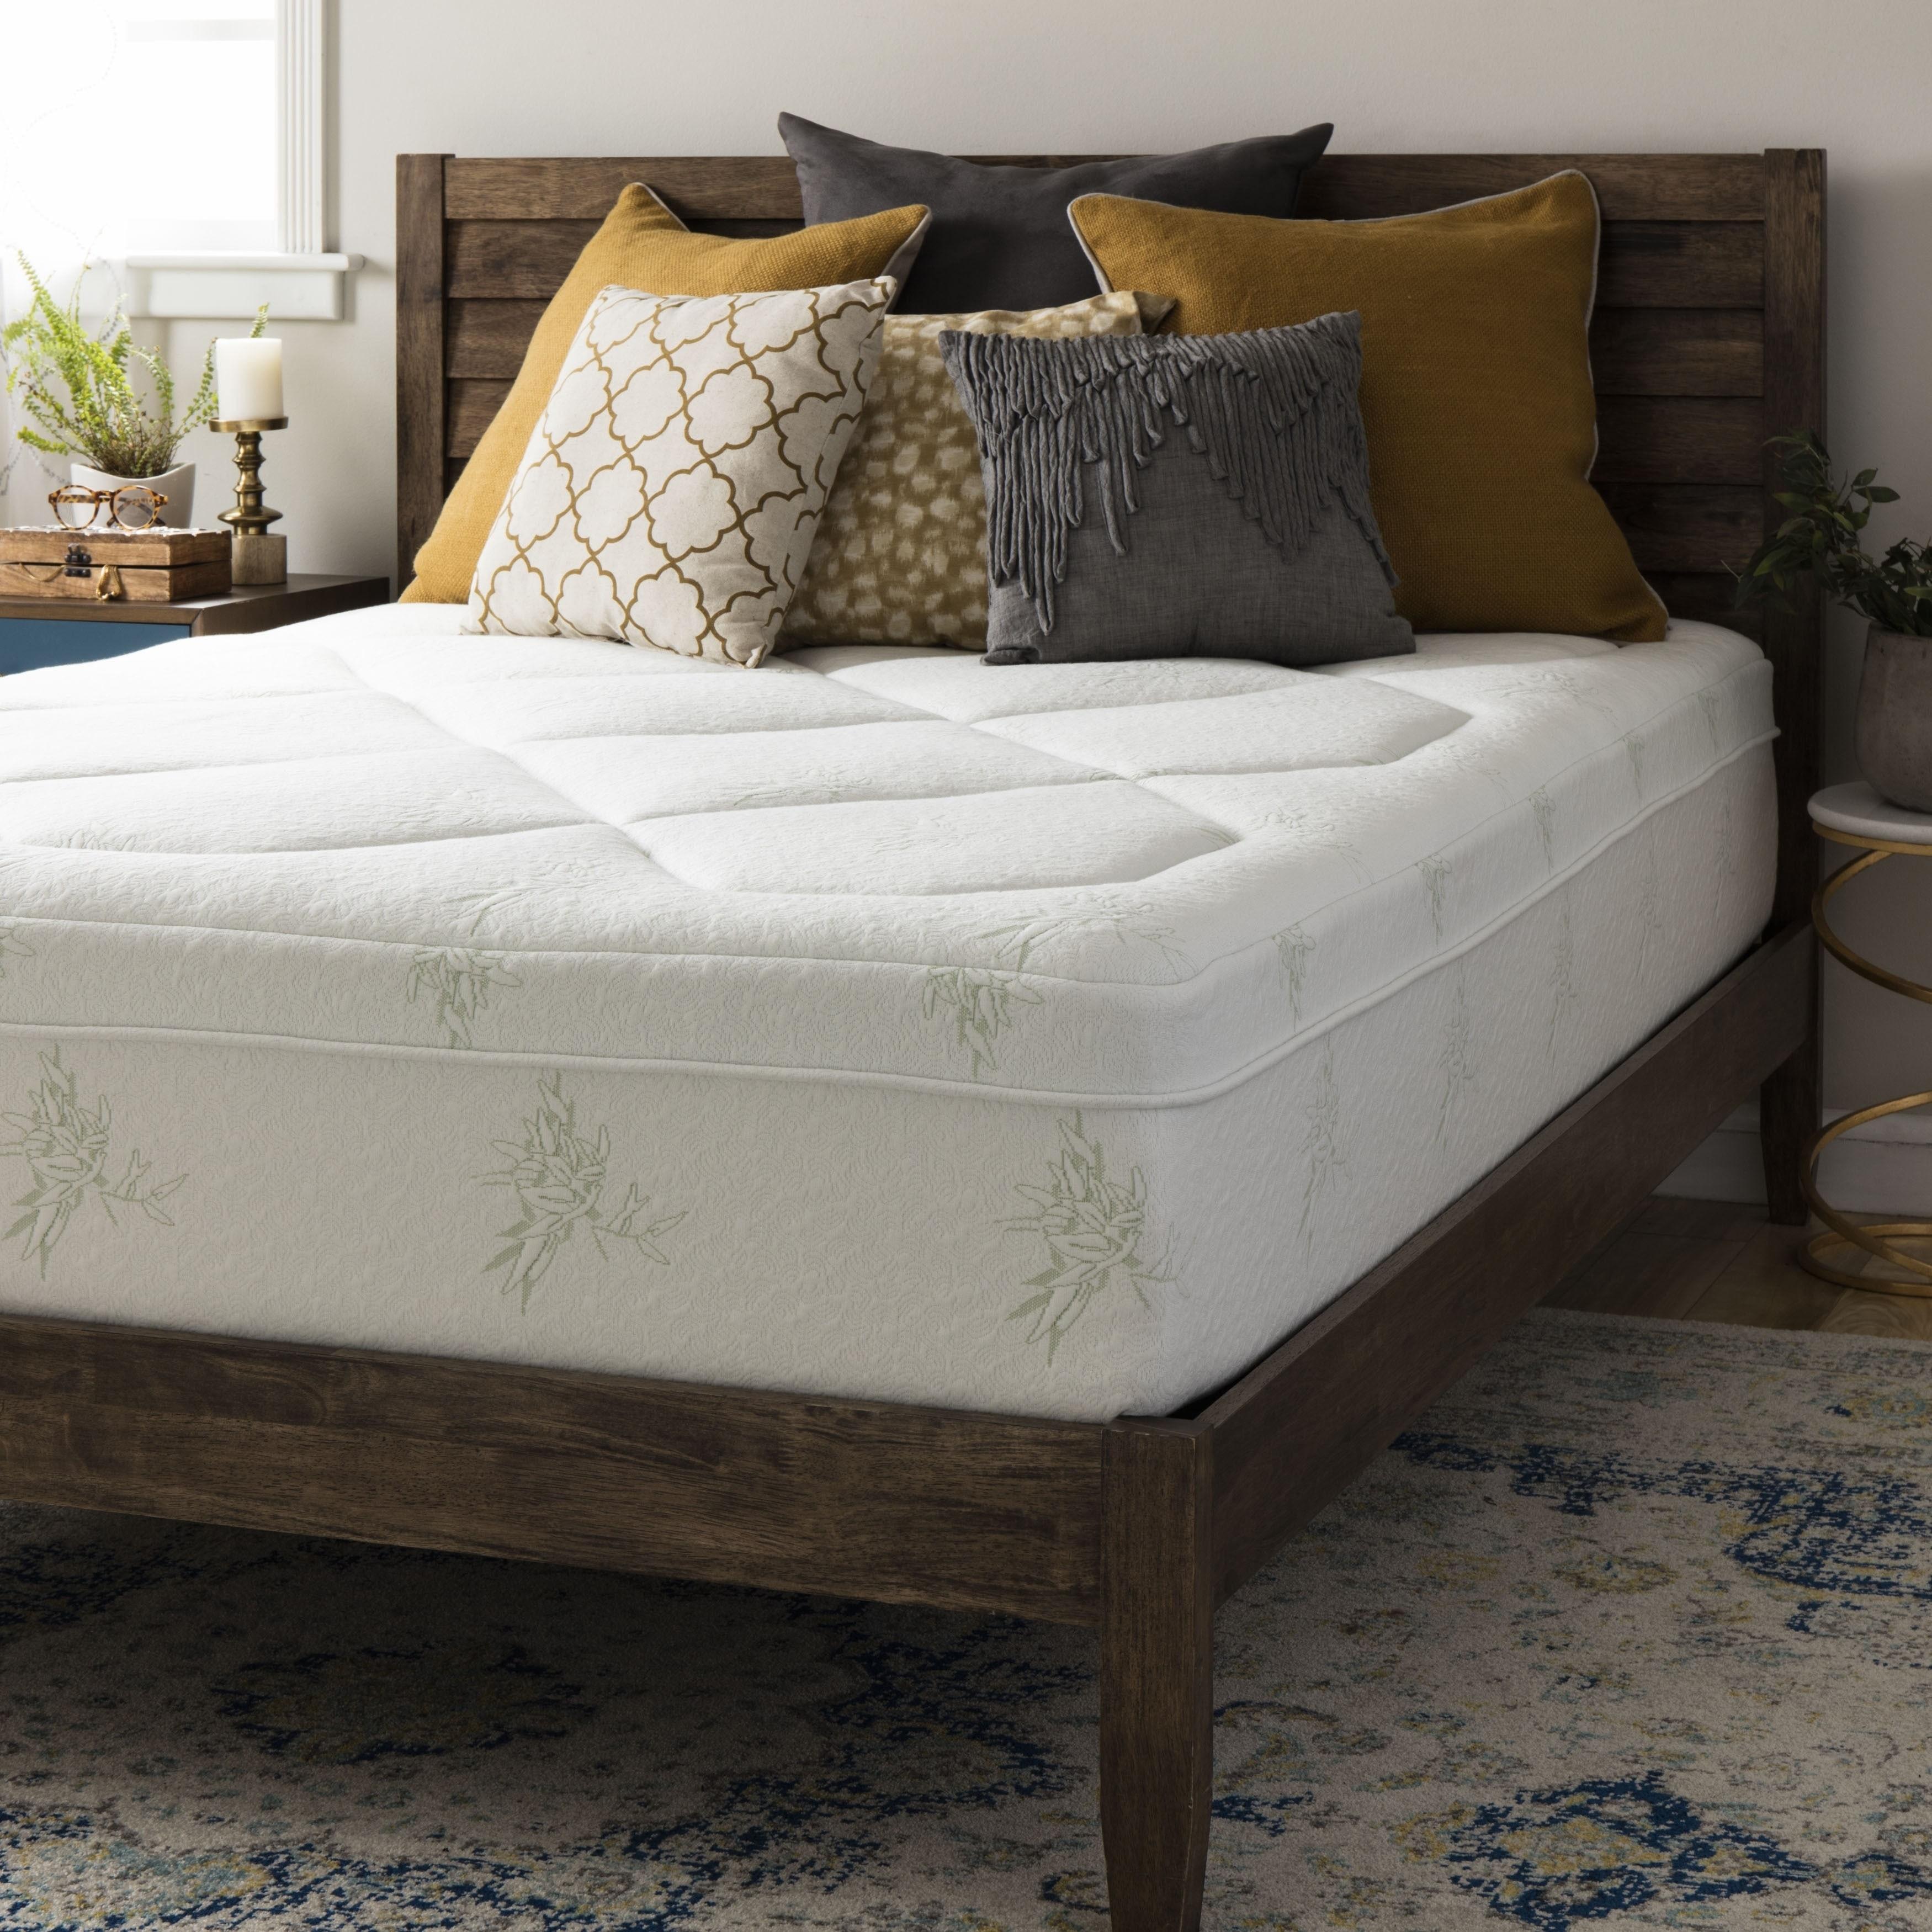 Crown Comfort Premium Grand 12-inch King-size Memory Foam...